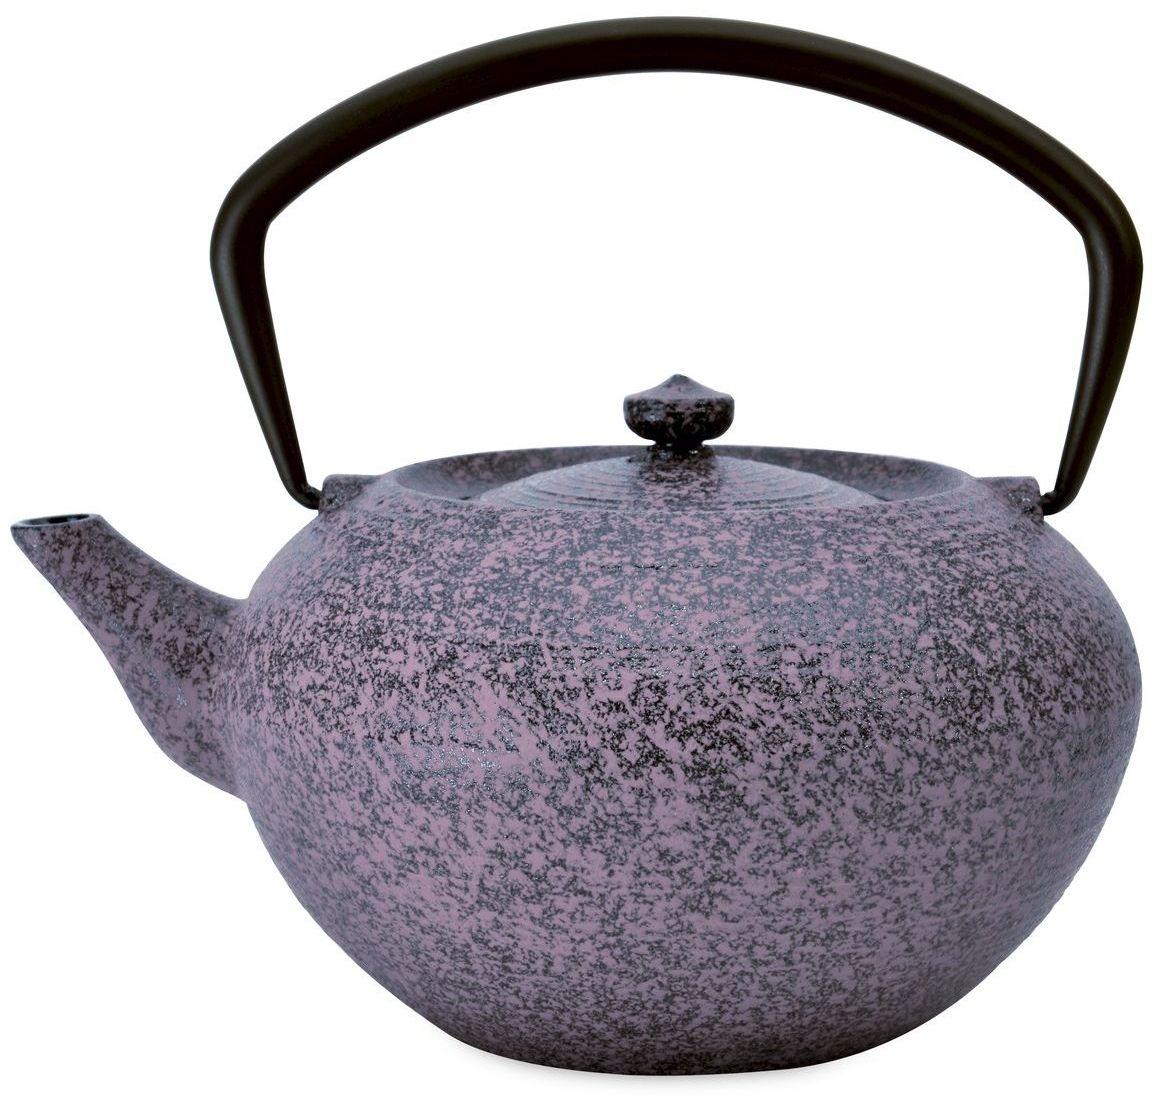 Чайник заварочный BergHOFF Studio, чугунный, цвет: фиолетовый, 1,3 л1107049Чайник заварочный BergHOFF Studio изготовлен из чугуна. Такой чайник идеально подойдет для заваривания чая. Он хорошо держит температуру, что способствует более полному раскрытию цвета, аромата и вкуса чайного букета. Изделие прекрасно дополнит сервировку стола к чаепитию и станет его неизменным атрибутом.